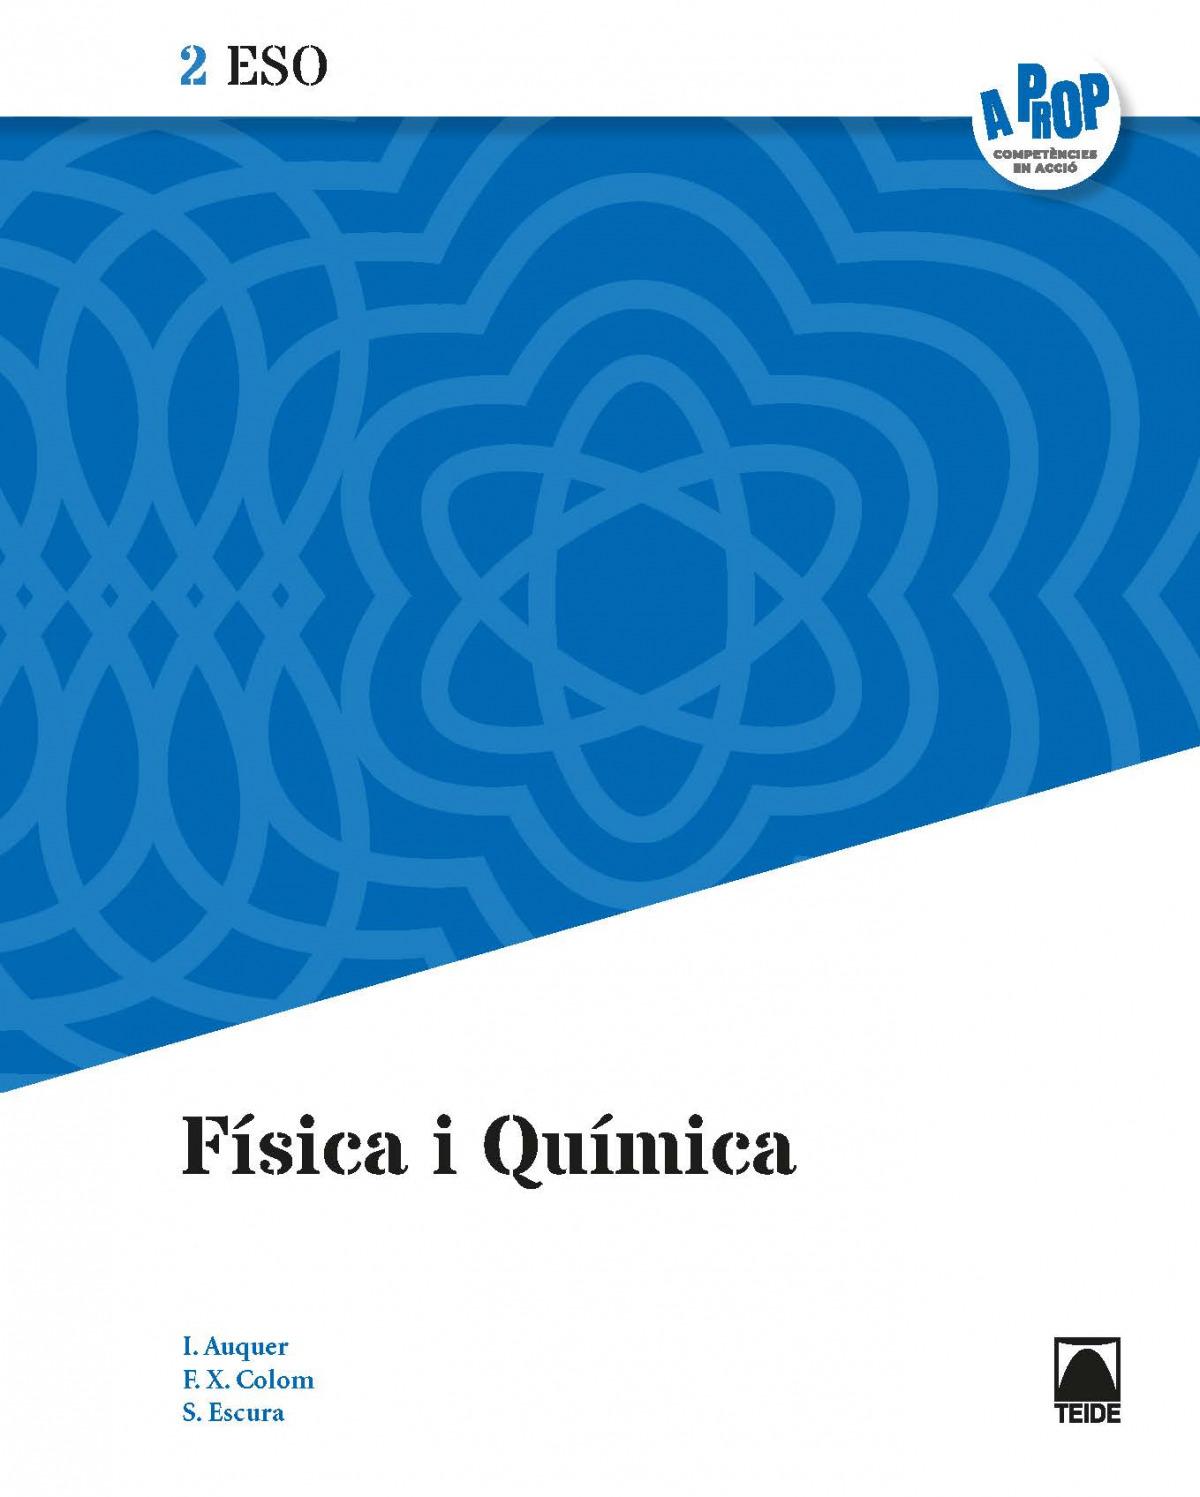 Física i Química 2ESO - A prop